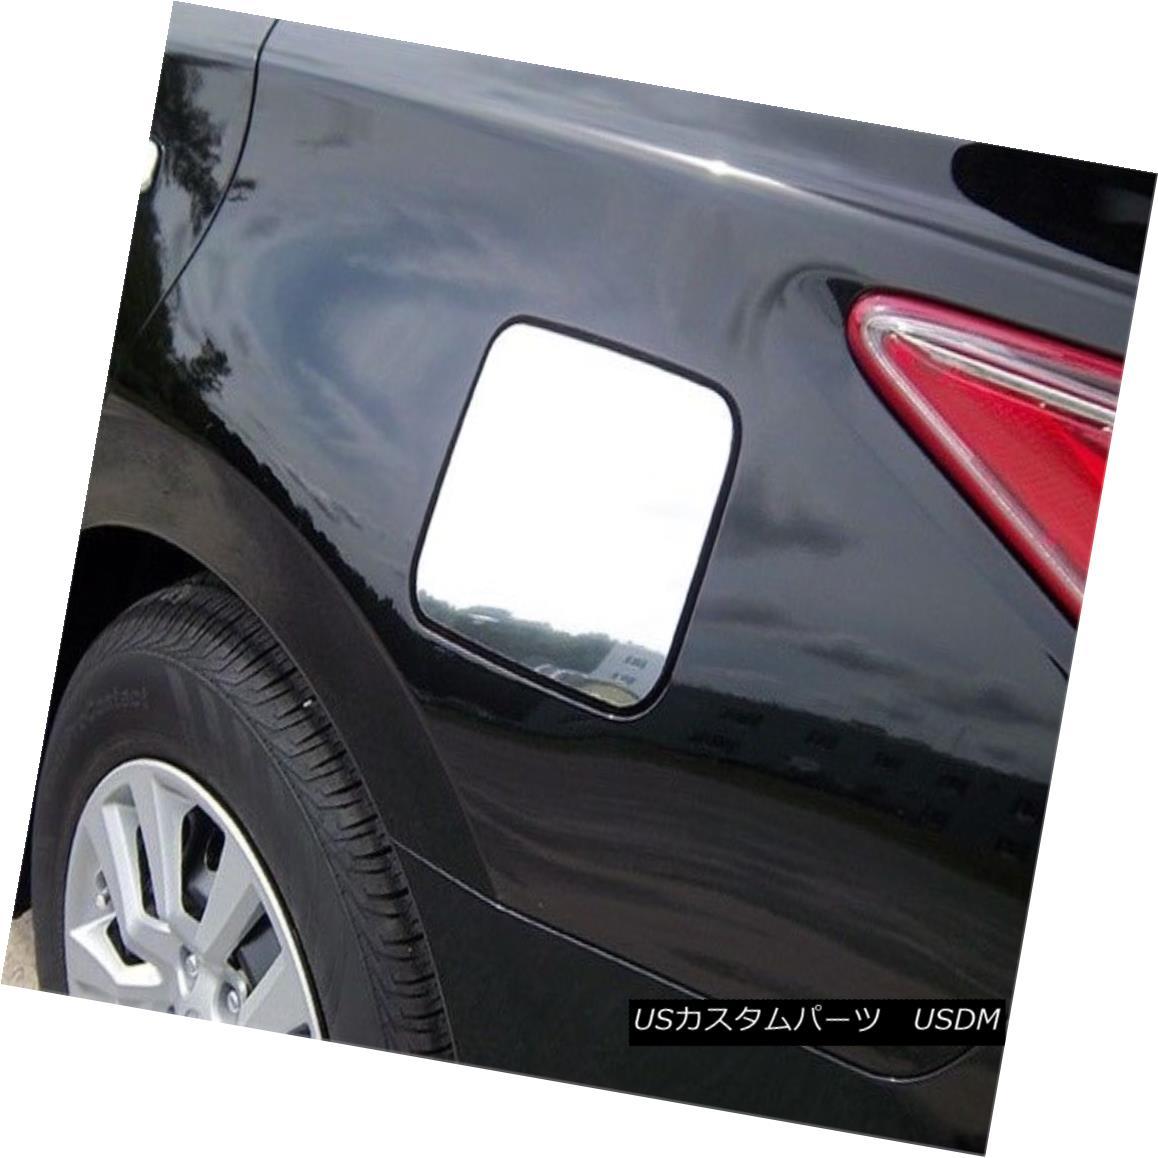 グリル Fits 2013-2015 NISSAN ALTIMA 4-door -Stainless Steel GAS CAP DOOR フィット2013-2015日産アルティマ4ドア - ステンレススチールガスCAP DOOR